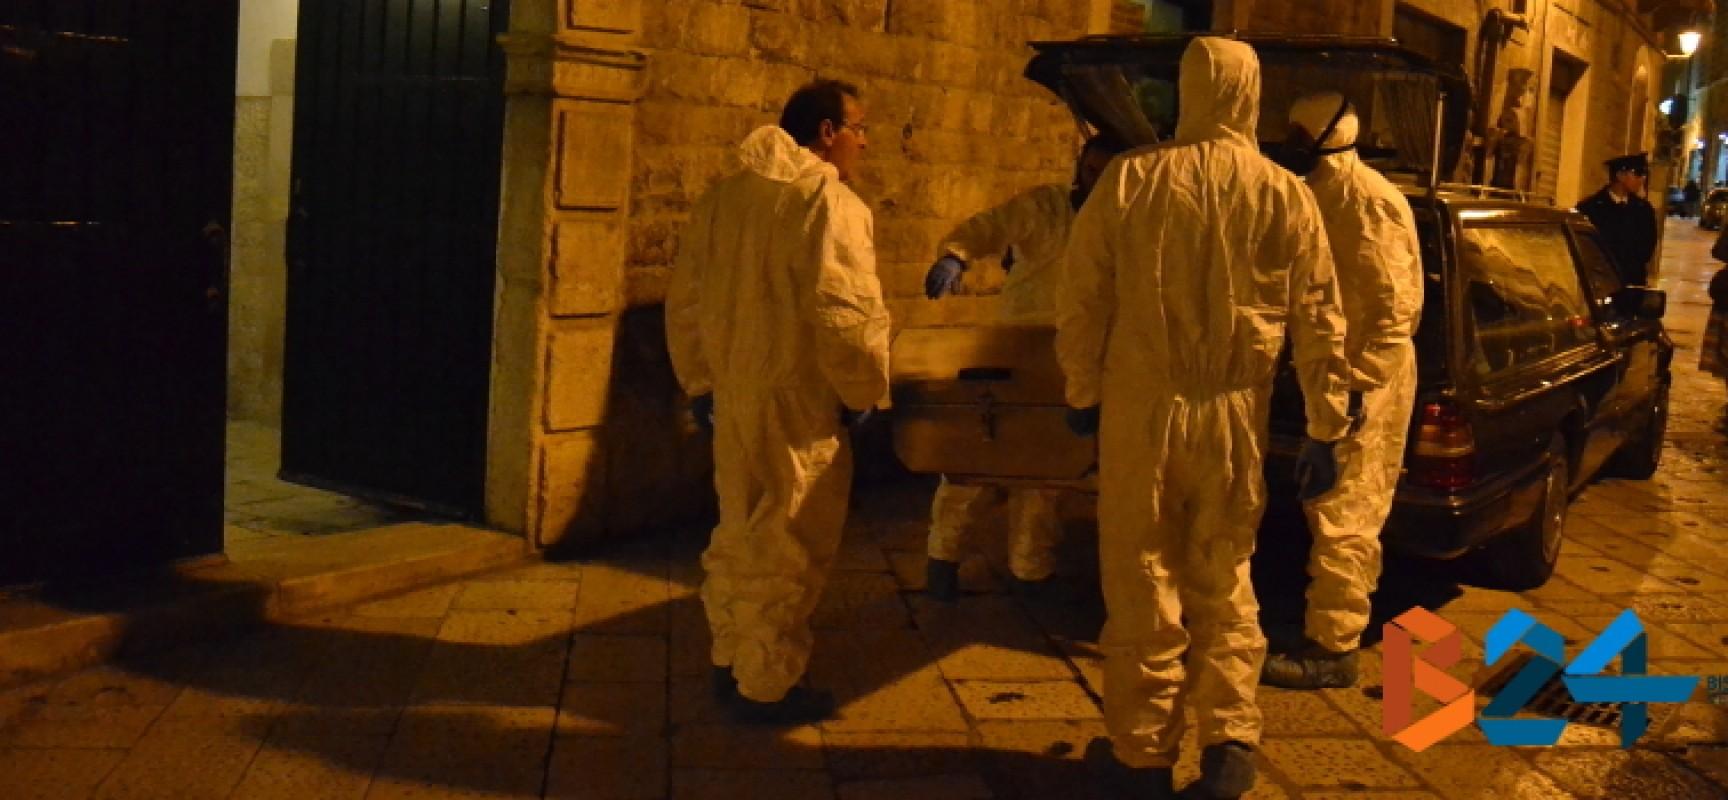 Centro storico, rinvenuto cadavere di un uomo che risultava scomparso da dieci giorni